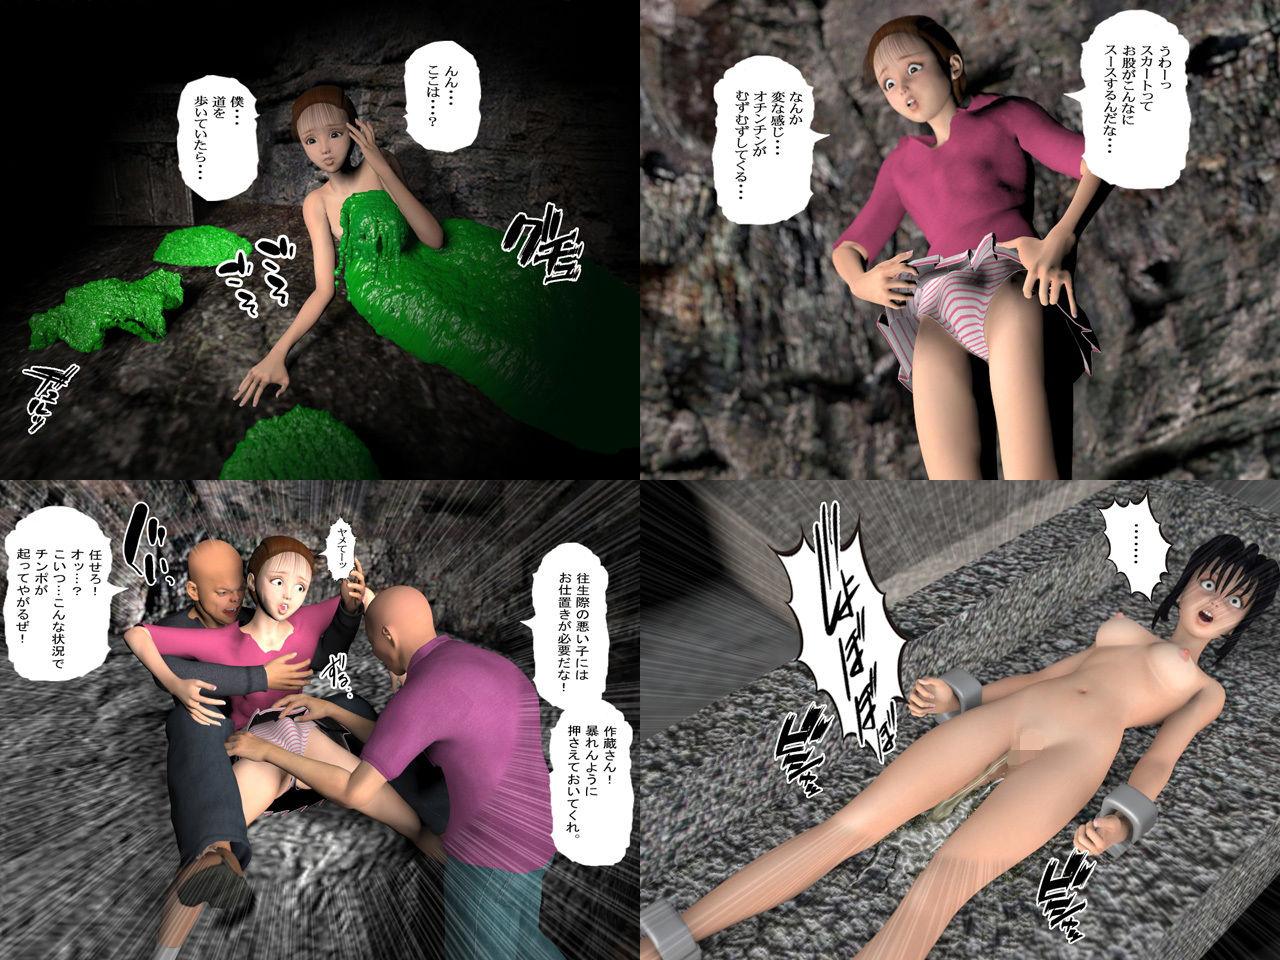 Dr.スライムと地獄の洞窟【スライムと女体化された男の子】